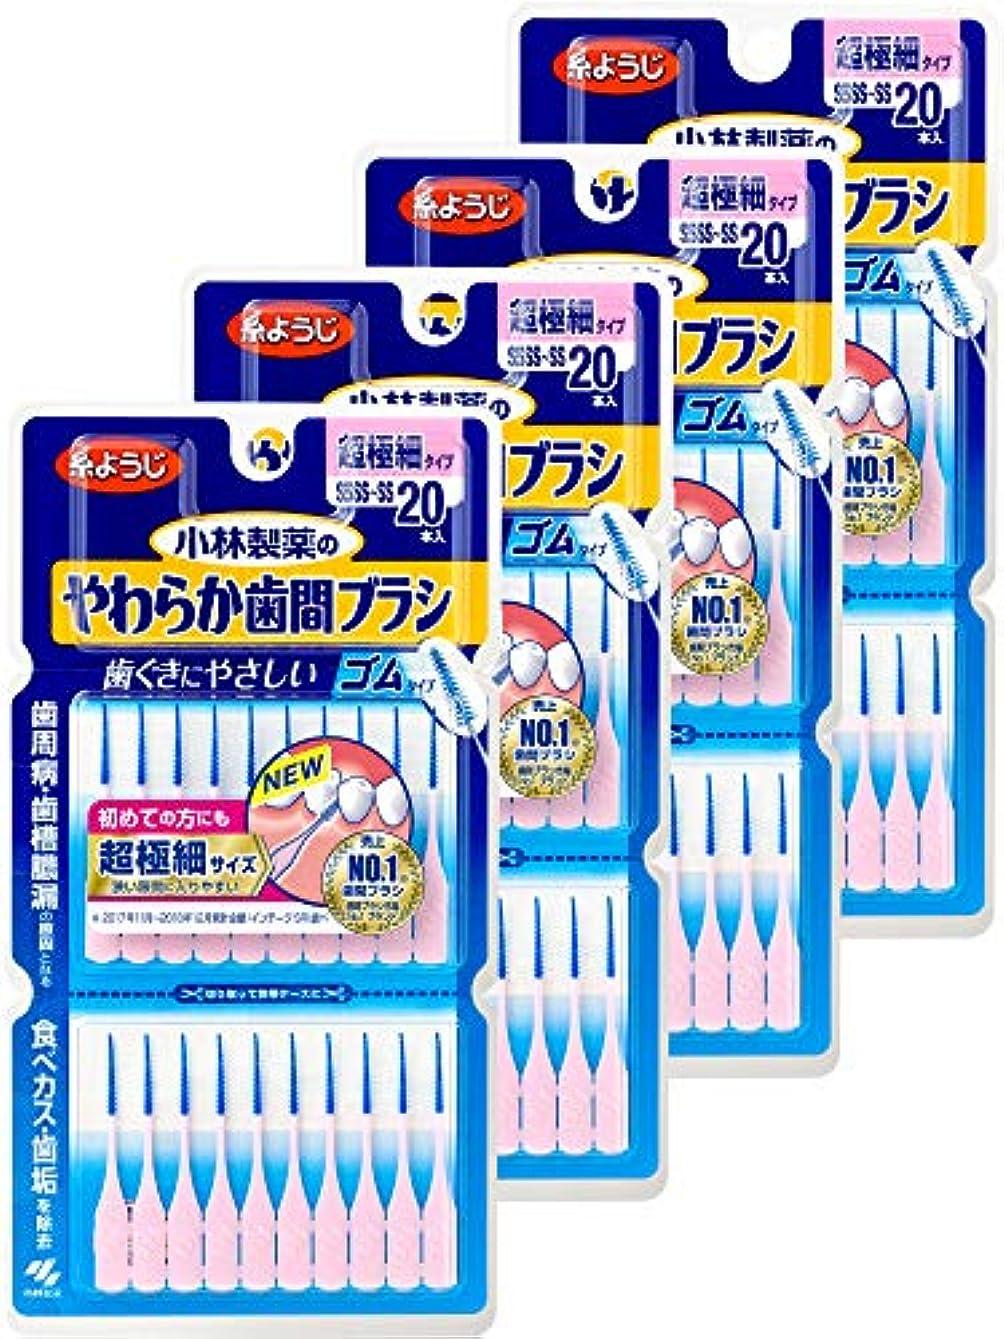 増加する検出お別れ【まとめ買い】小林製薬のやわらか歯間ブラシ 細いタイプ SSSS-Sサイズ ゴムタイプ(糸ようじブランド) 20本×4個